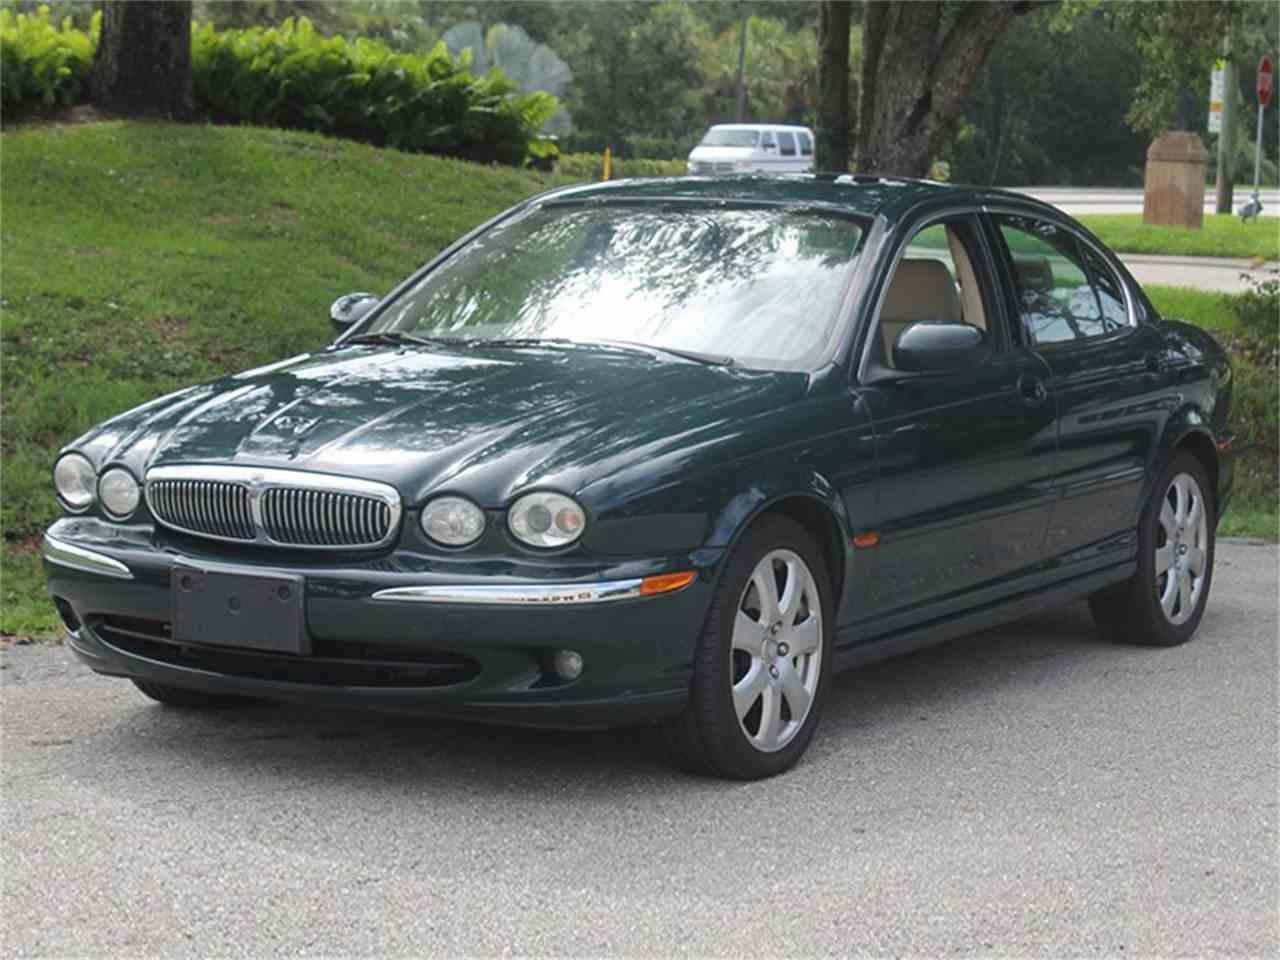 cars sale ga copart type lot ellenwood at x jaguar for